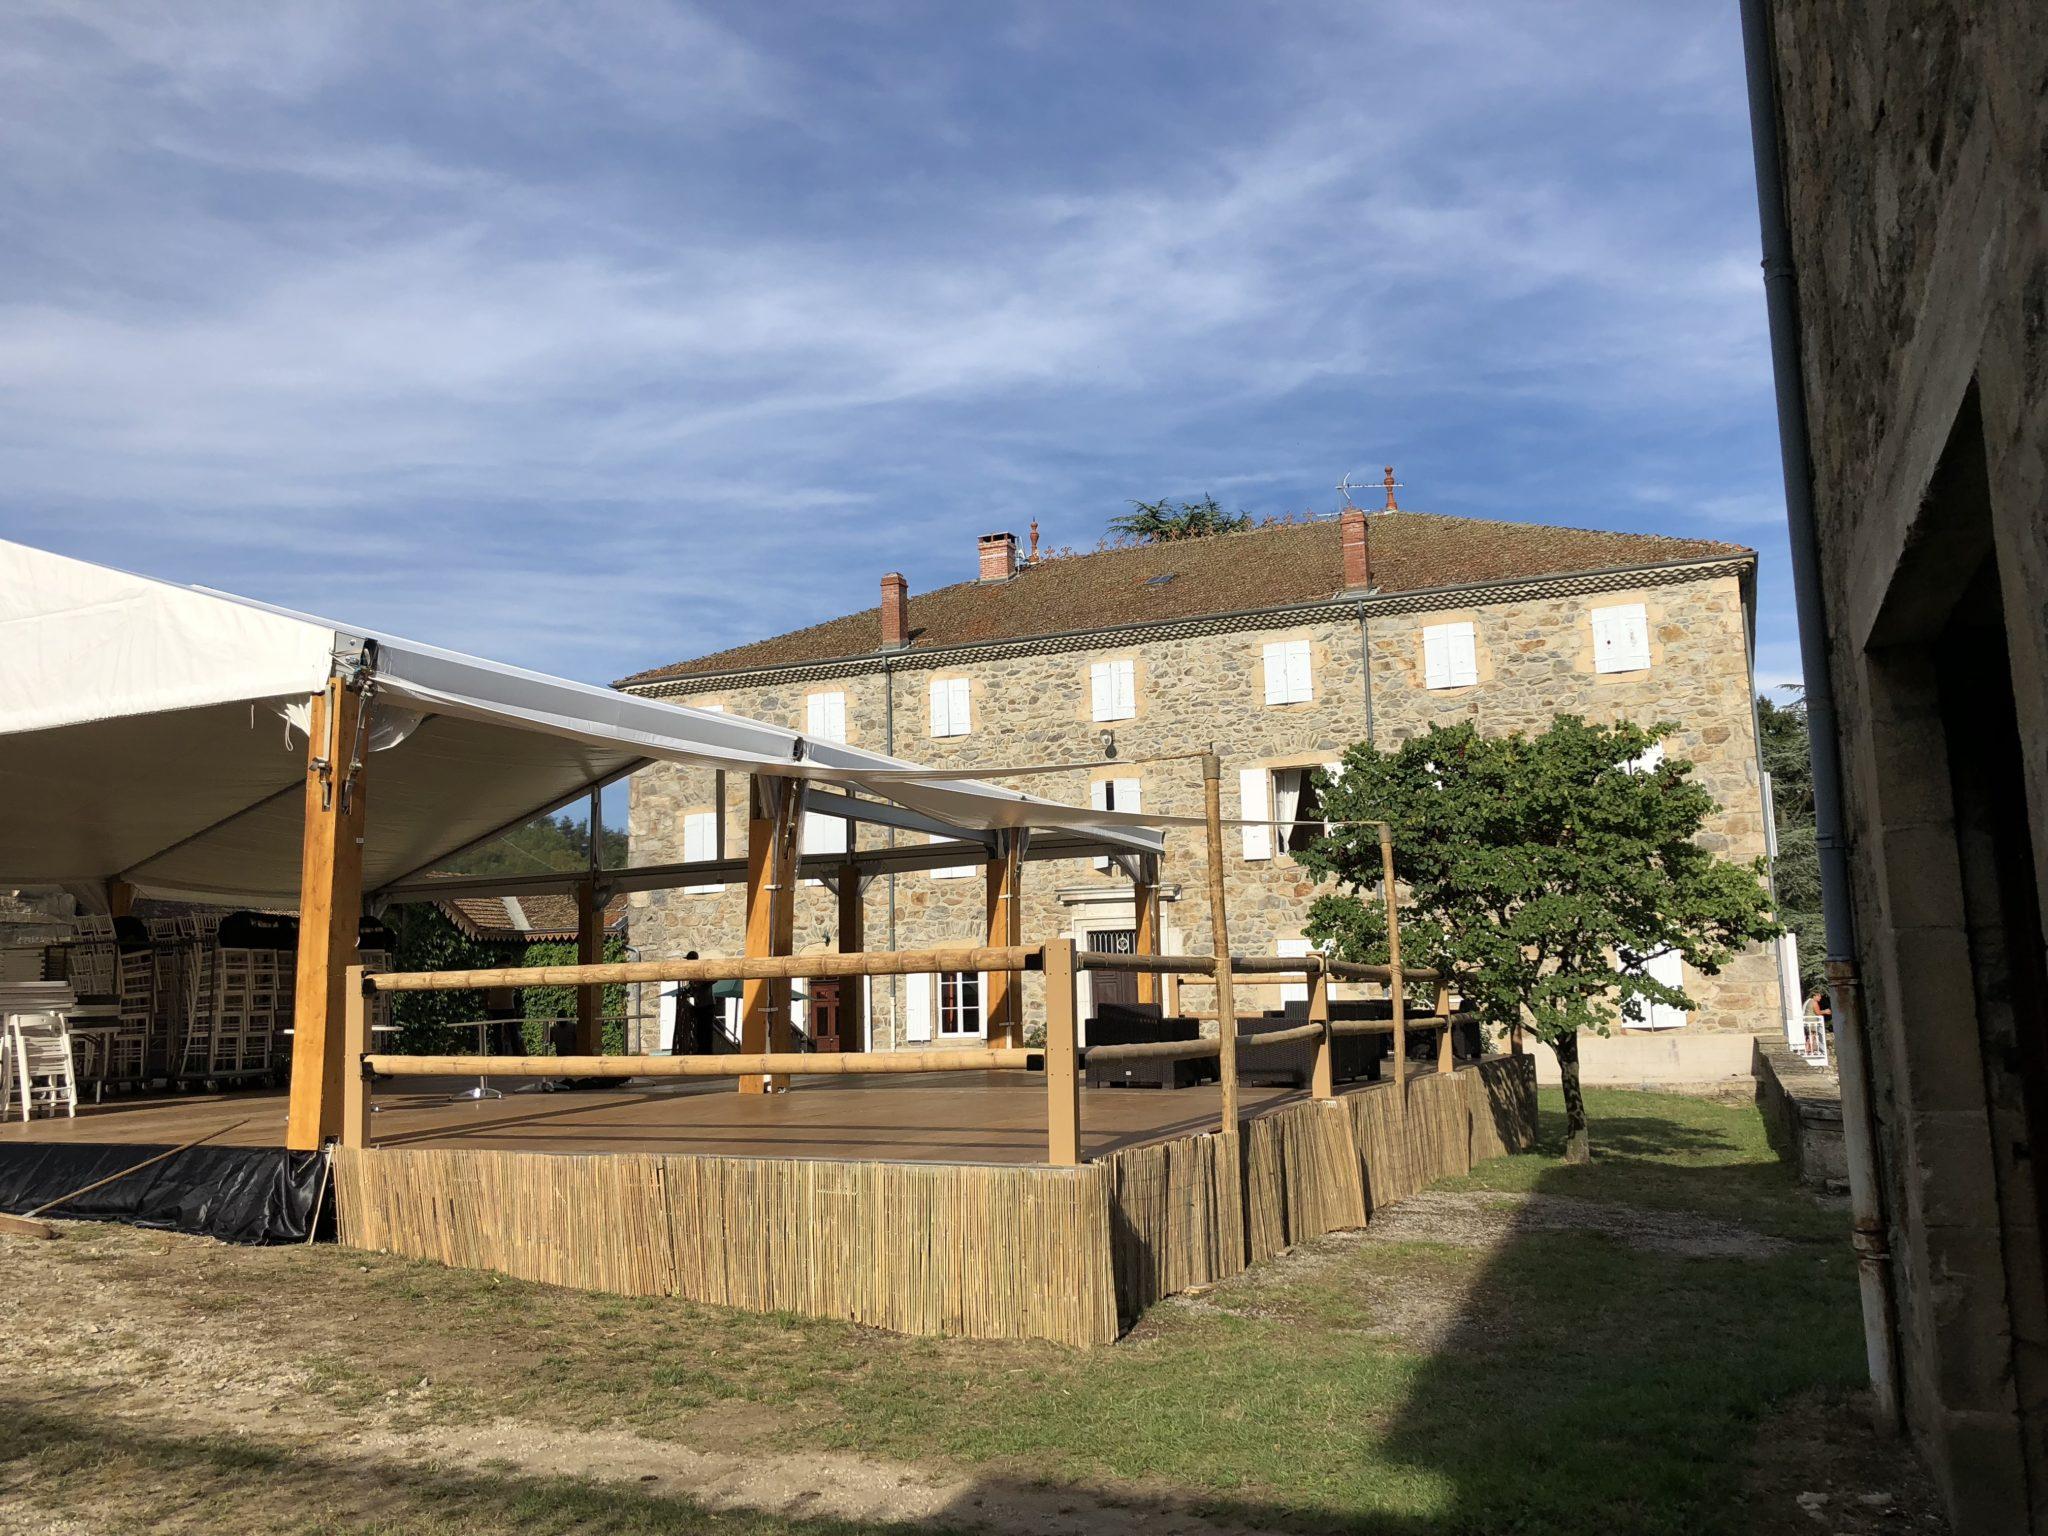 Terrasse avec voile d'ombrage, balustrade en bambou et canisse